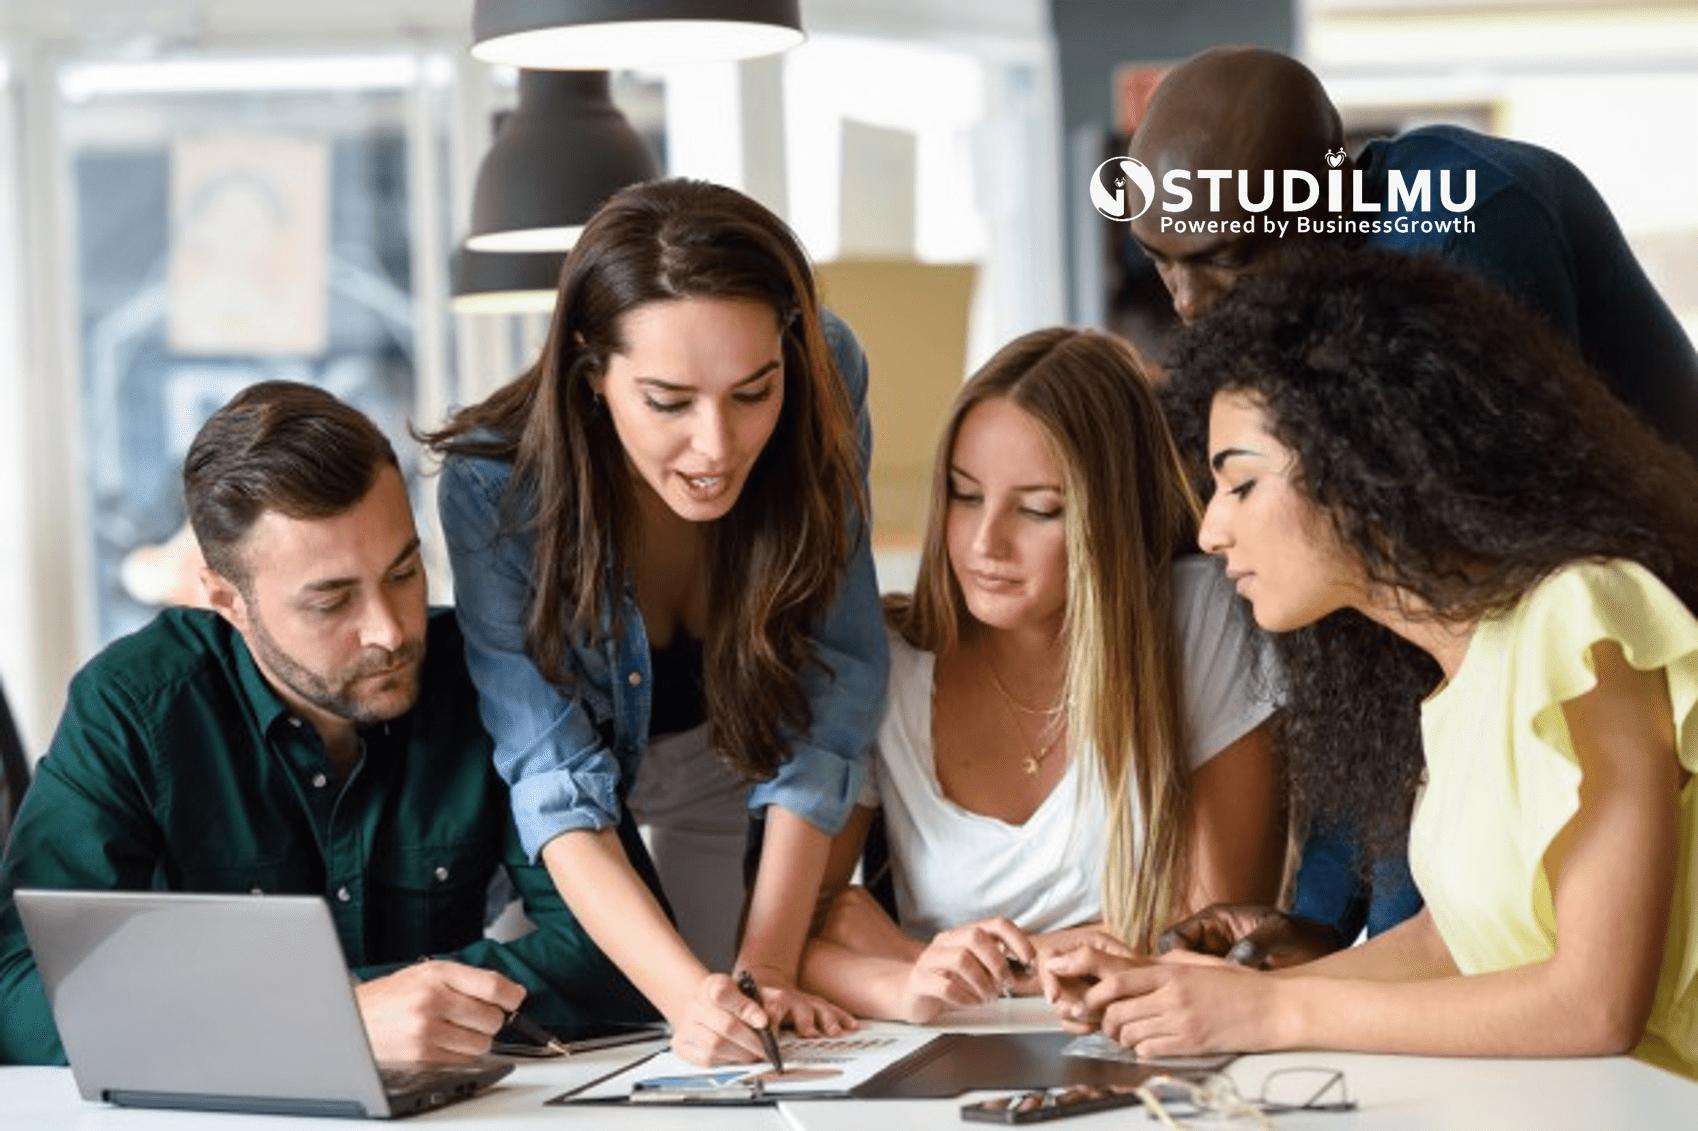 STUDILMU Career Advice - 3 Langkah Mengajarkan Orang Lain Cara Kerja yang Baik dengan Bisnis Kita